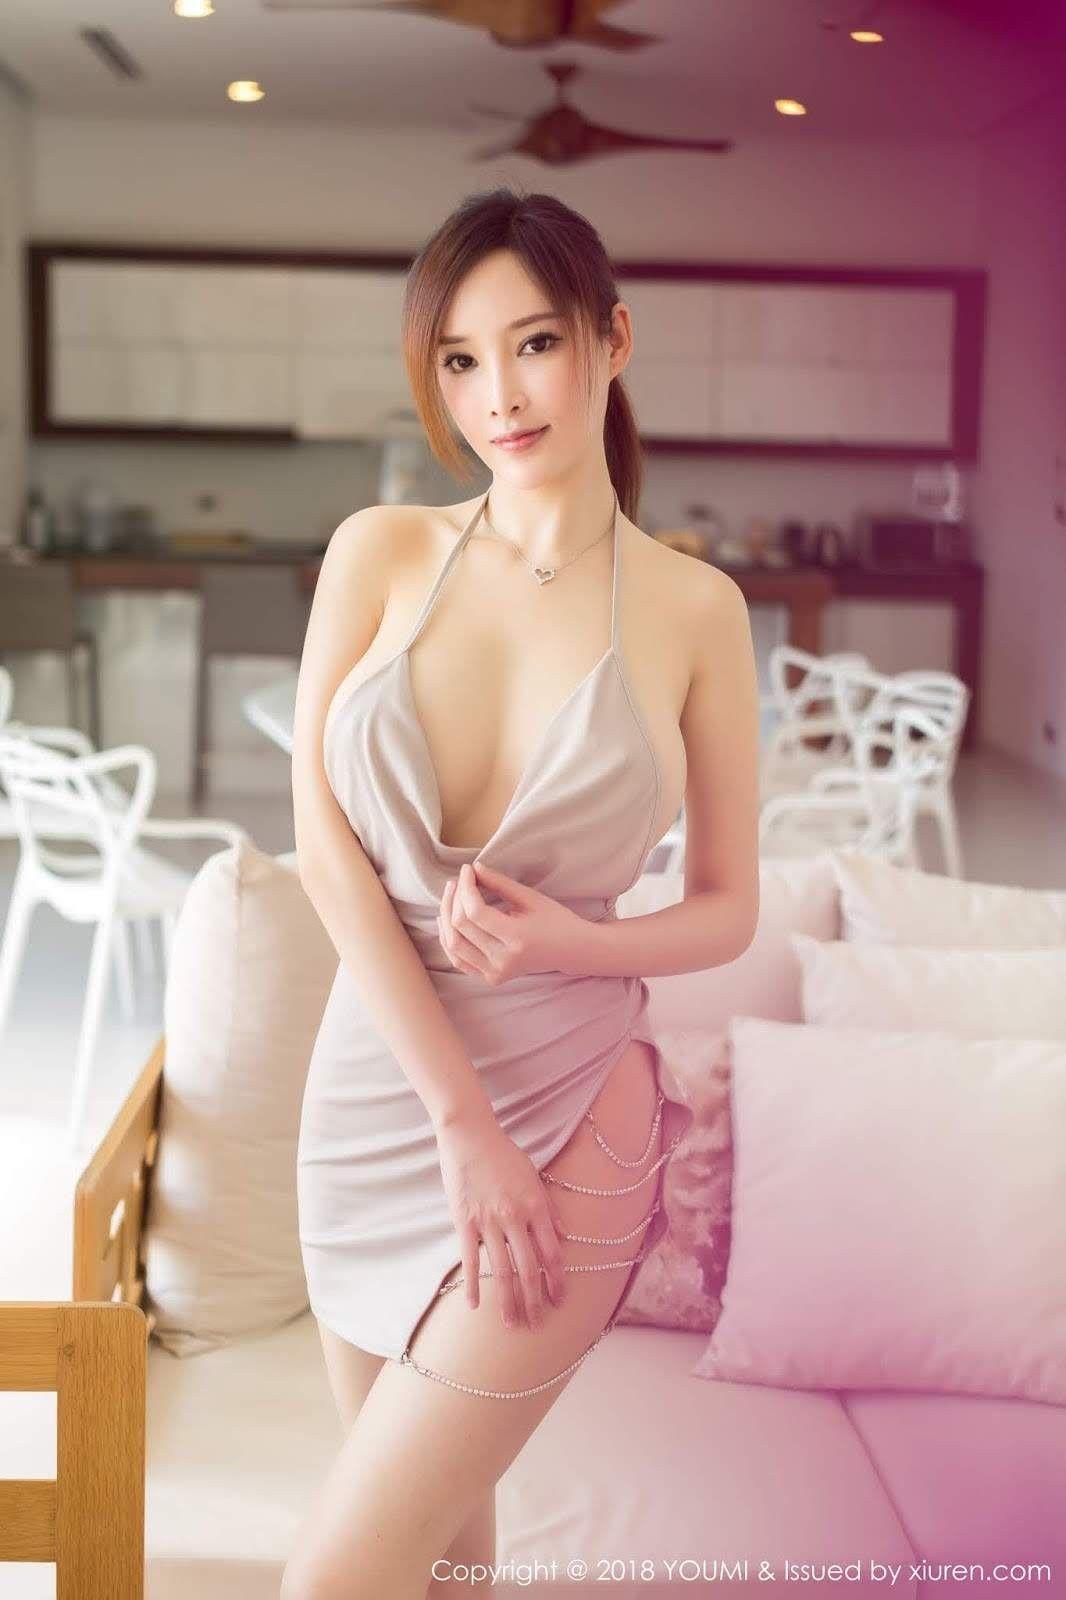 Chinese hairy vagina